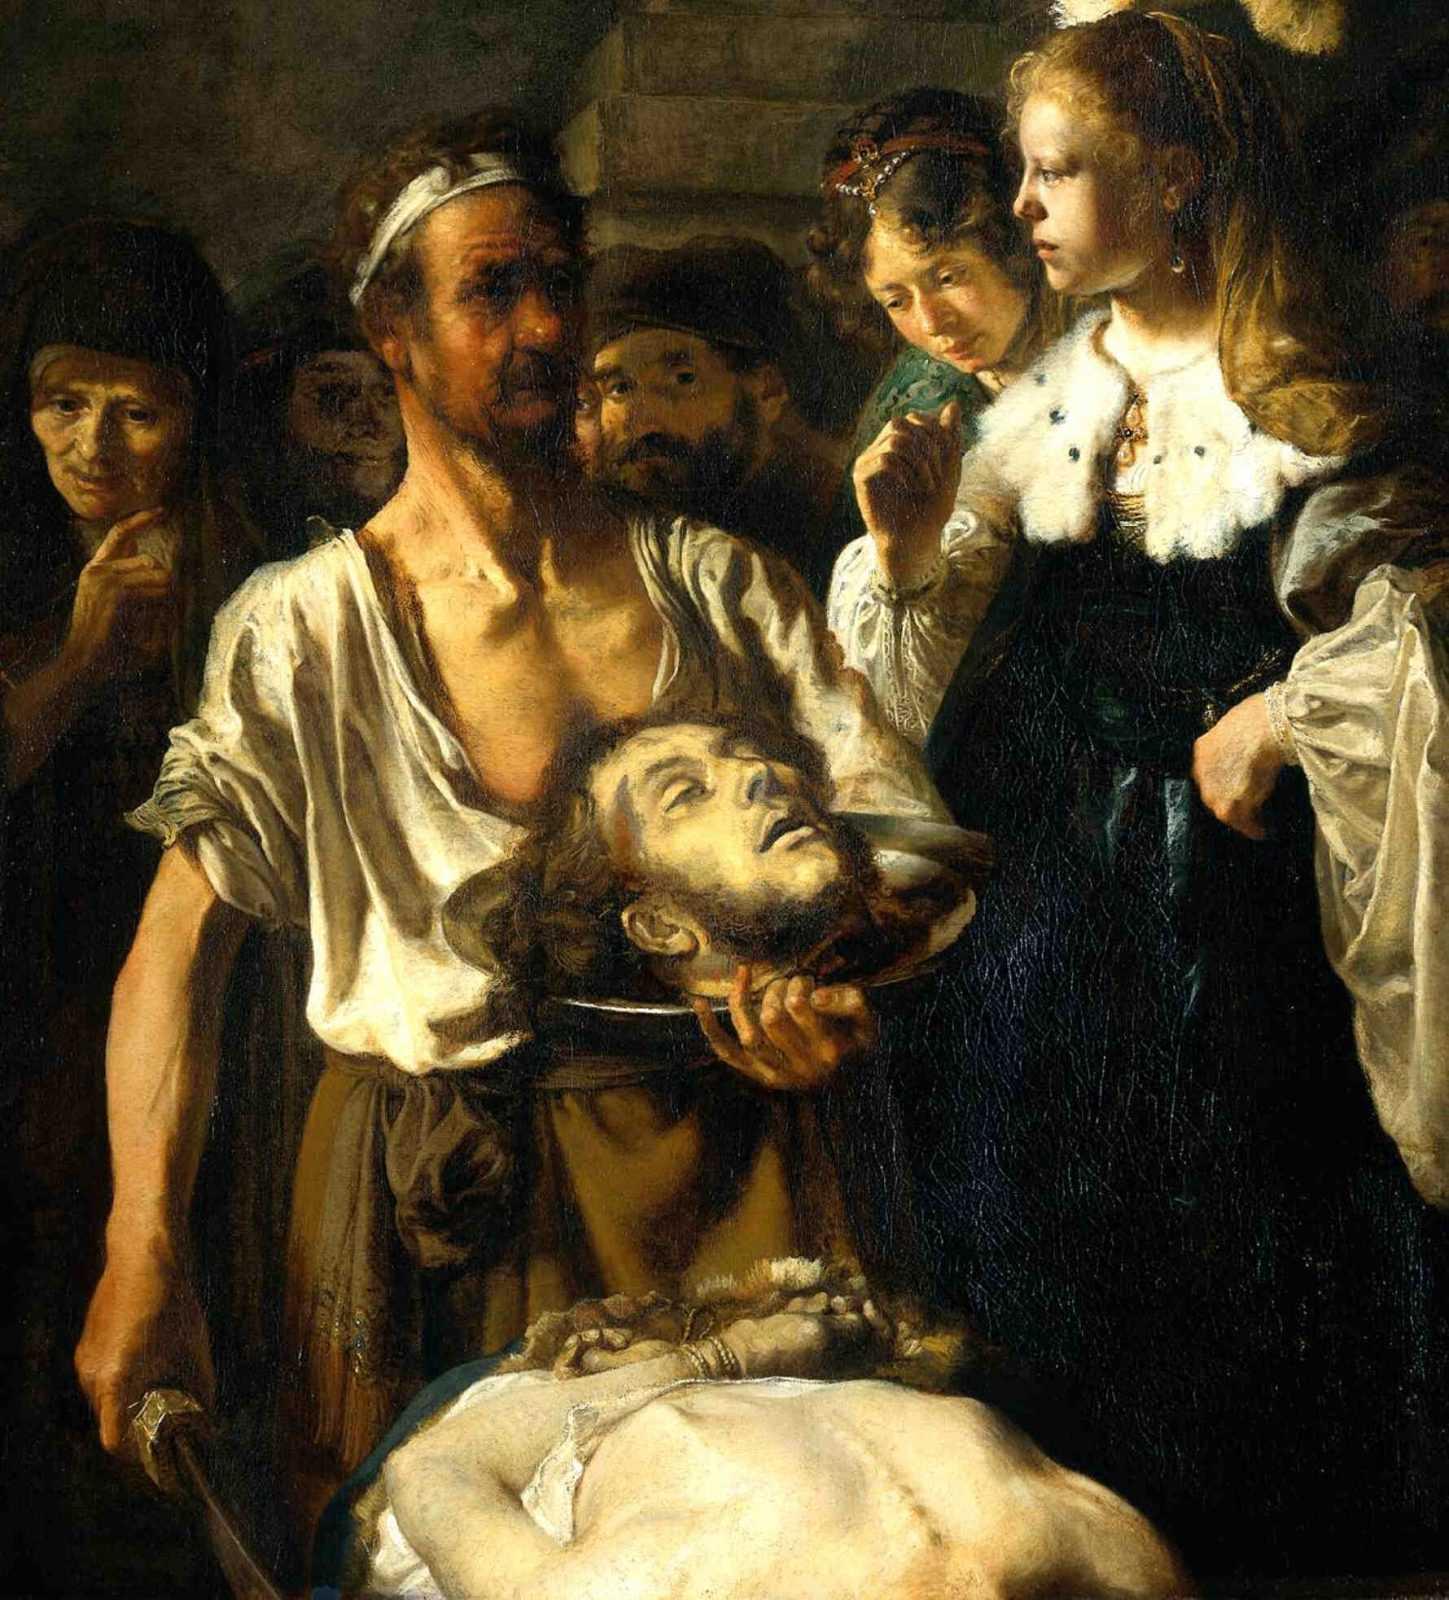 29 августа. Усекновение главы святого Иоанна Крестителя. Память 1